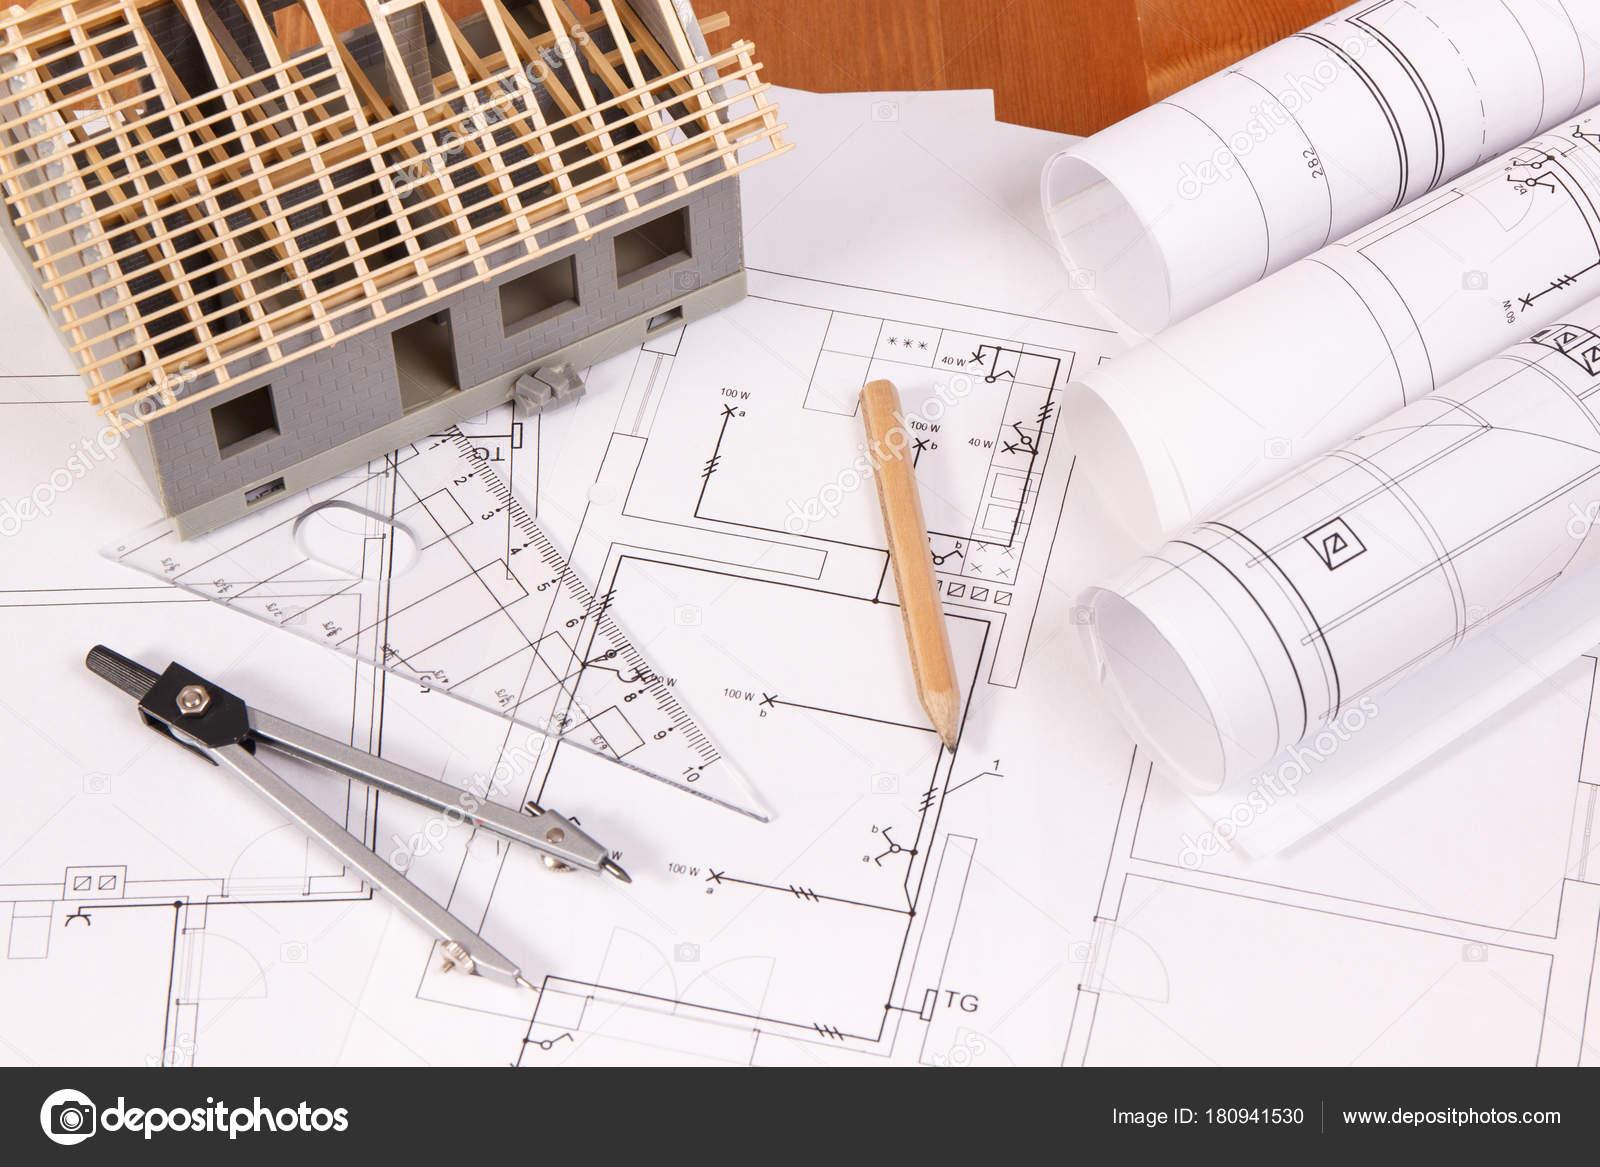 Schemi Elettrici Casa : Schemi elettrici accessori per lavori in ingegnere e casa in